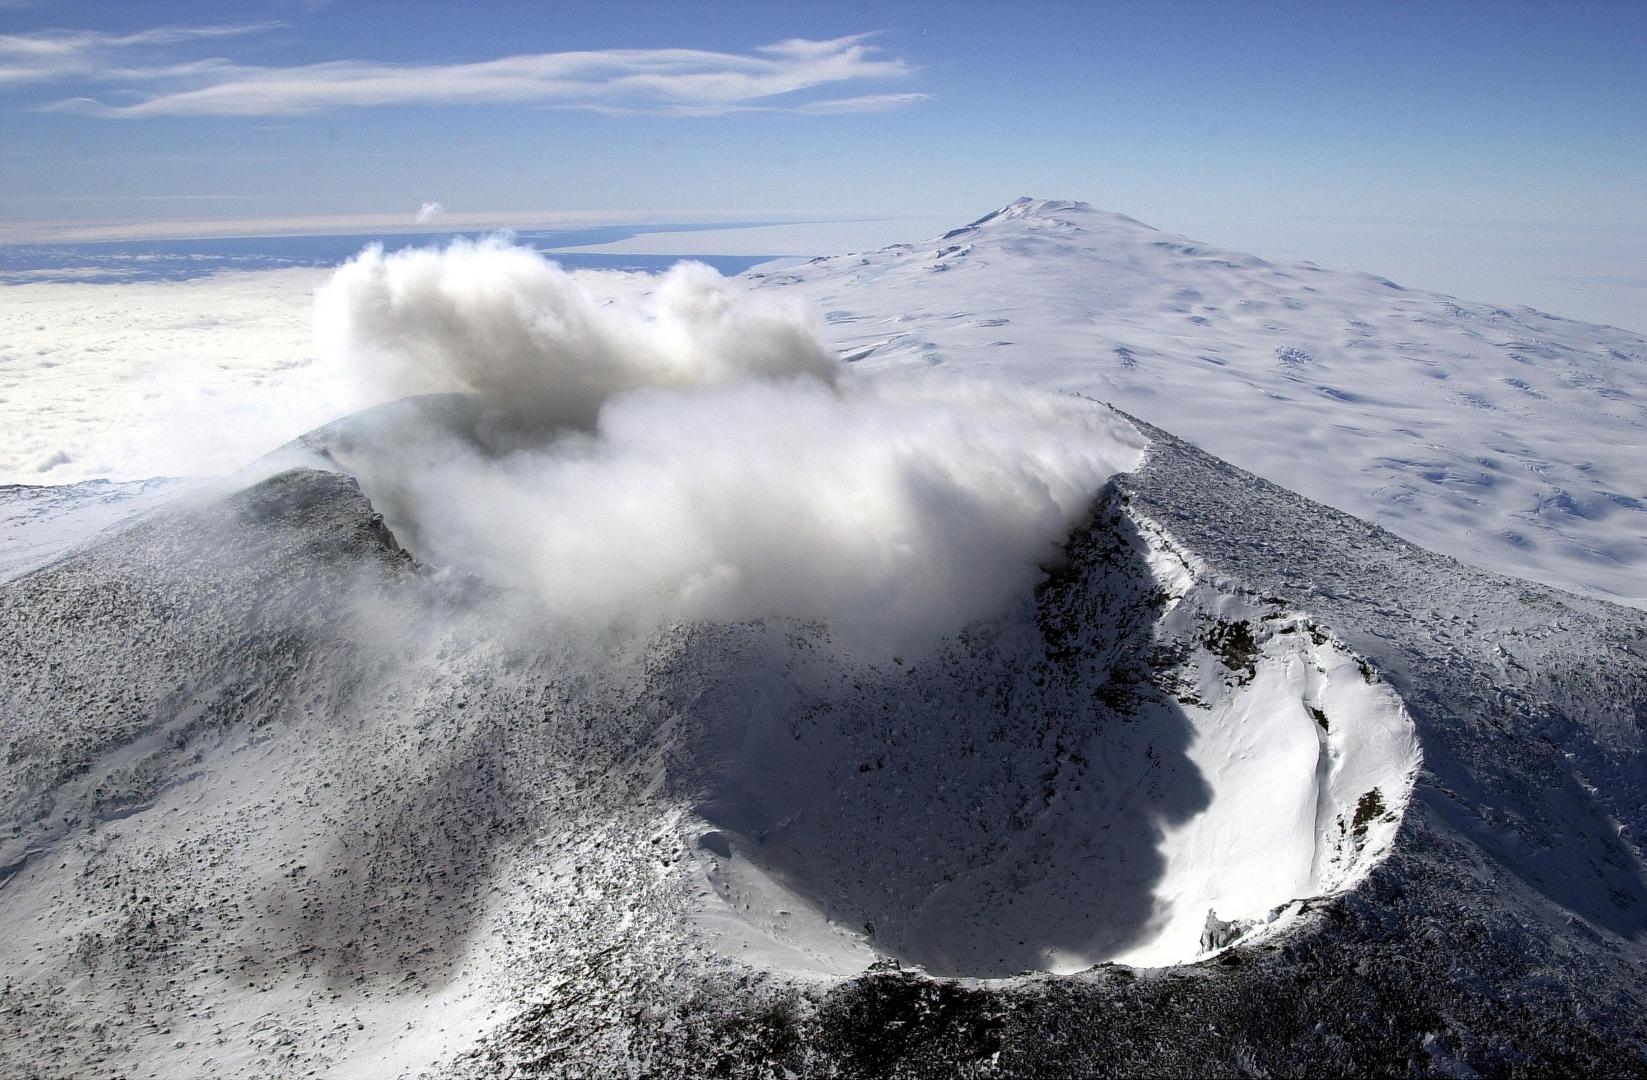 Рис. 7. Вид на Эребус (3742 м) — второй по величине и самый активный вулкан Антрктиды. Расположен на о. Росса